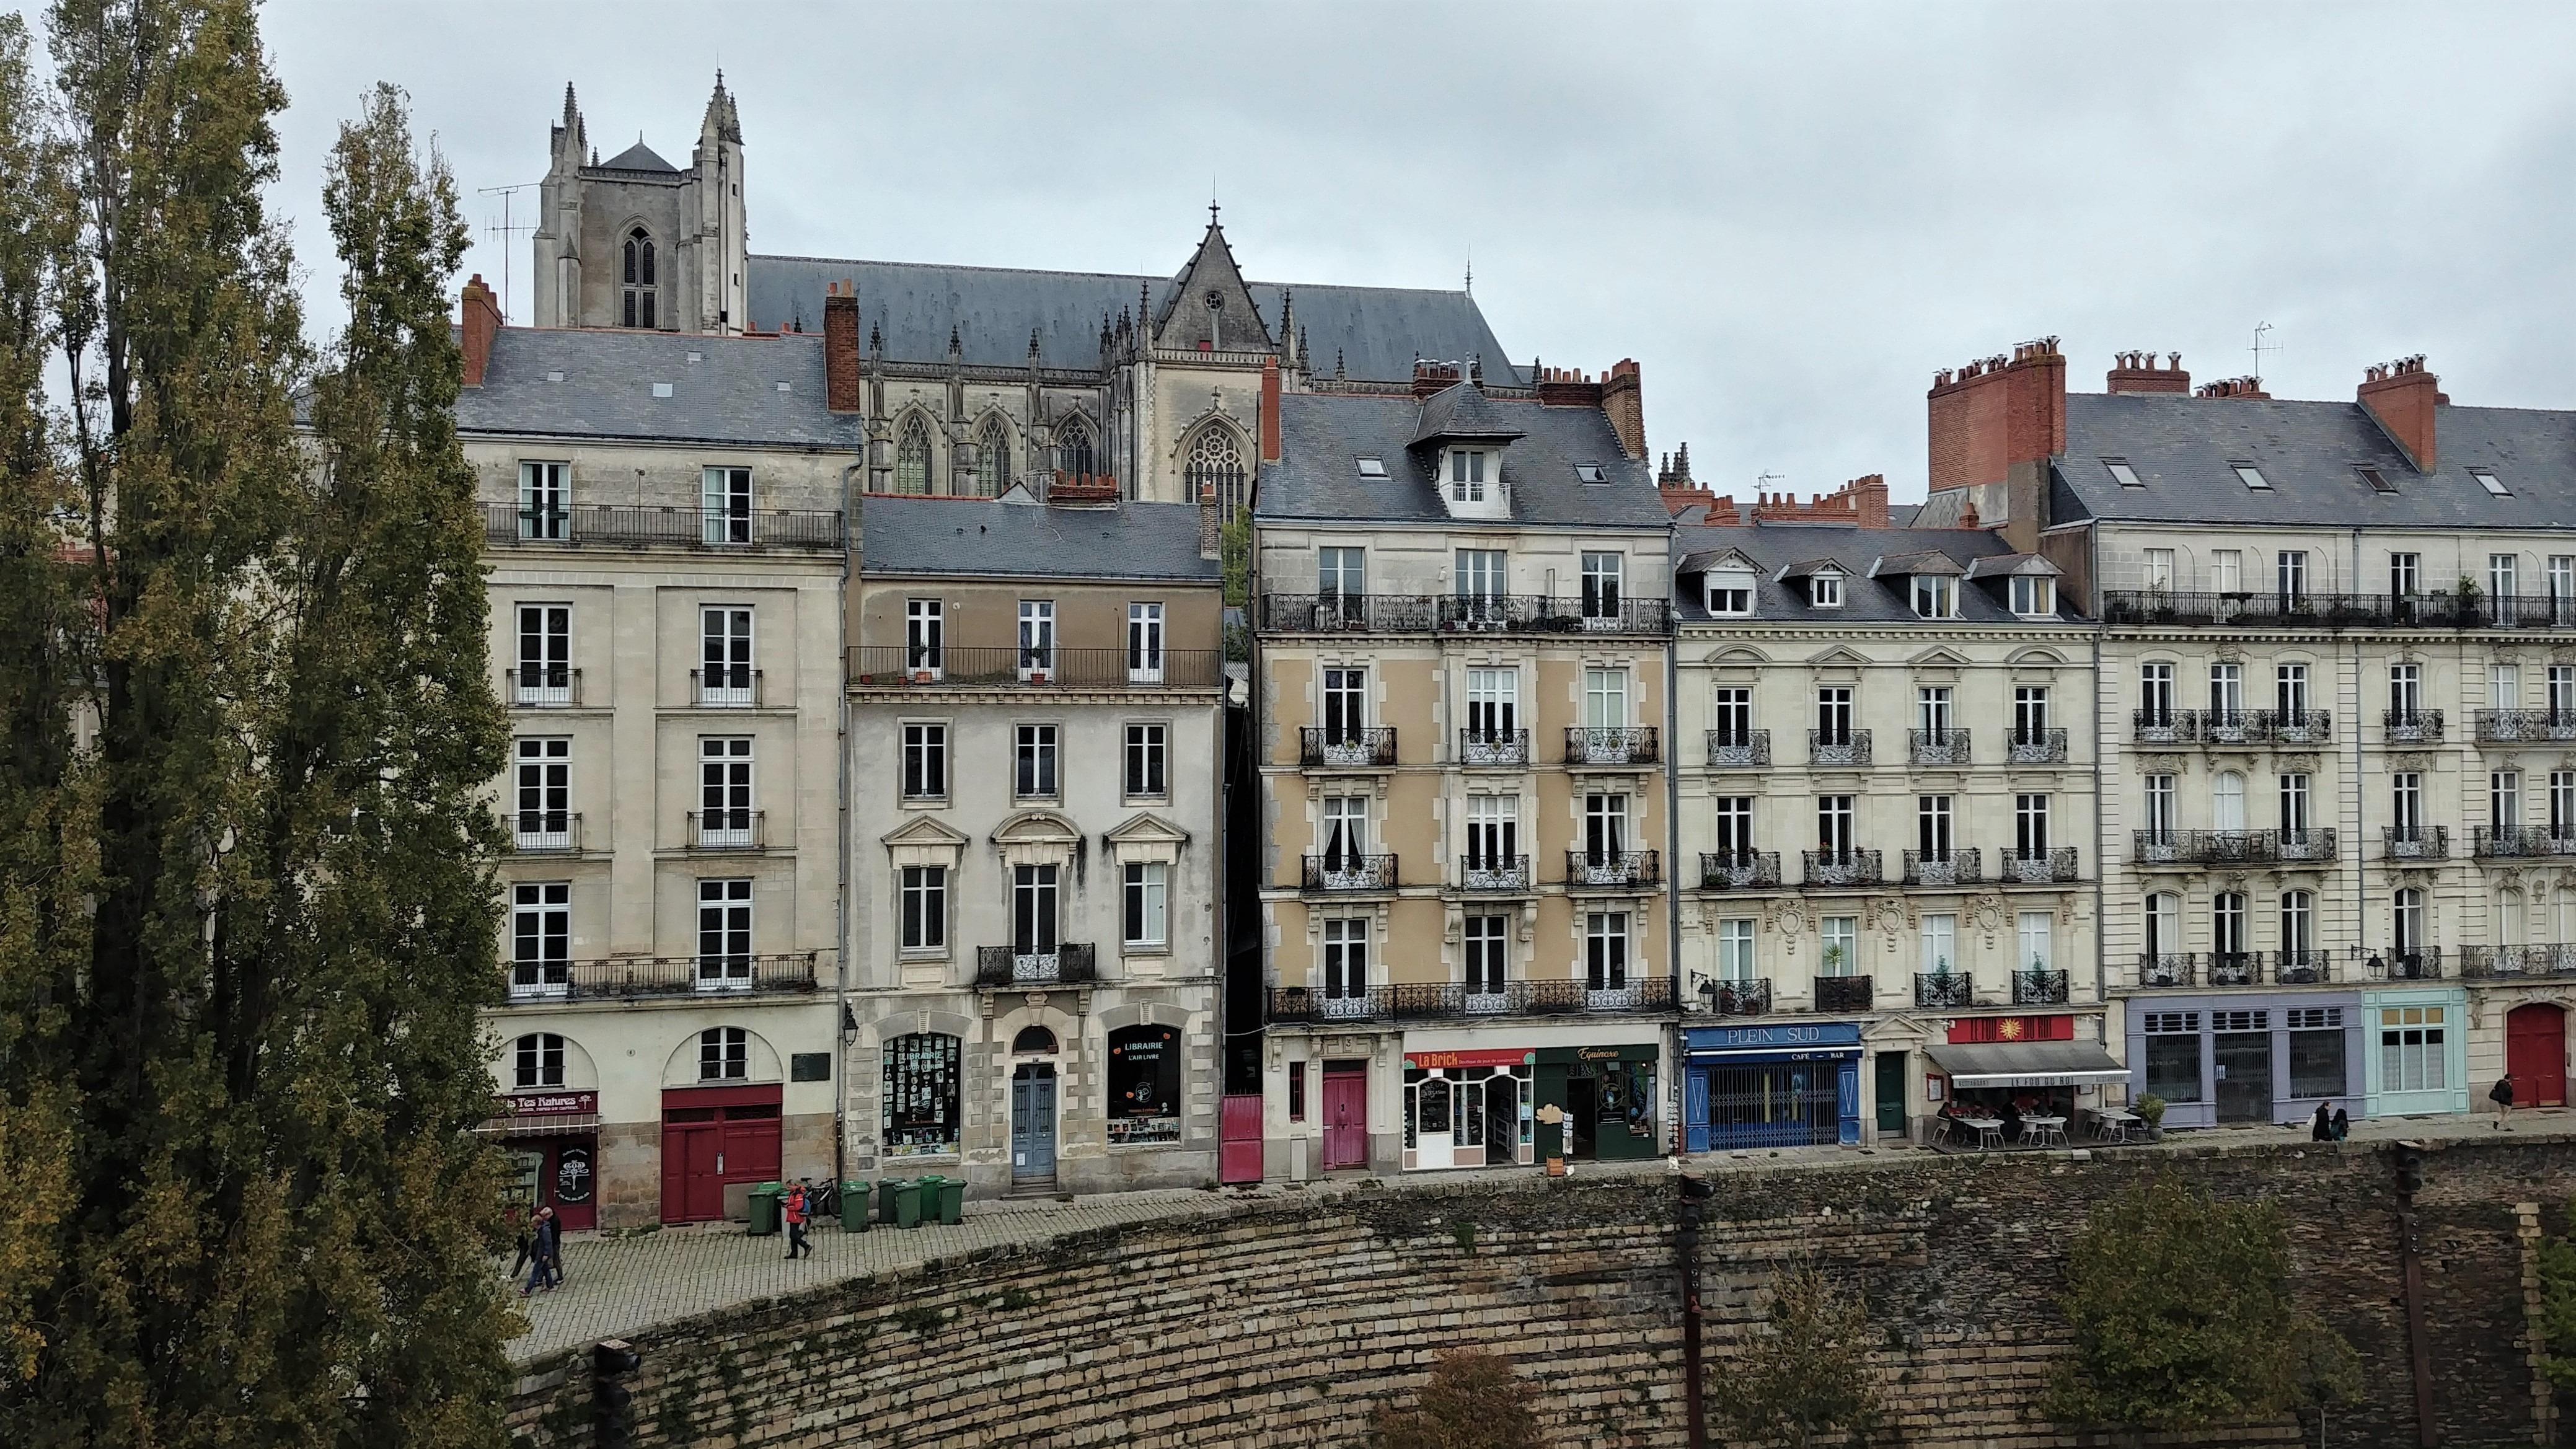 Nantes chateau ducs bretagne infos pratique gratuit blog voyage france arpenter le chemin